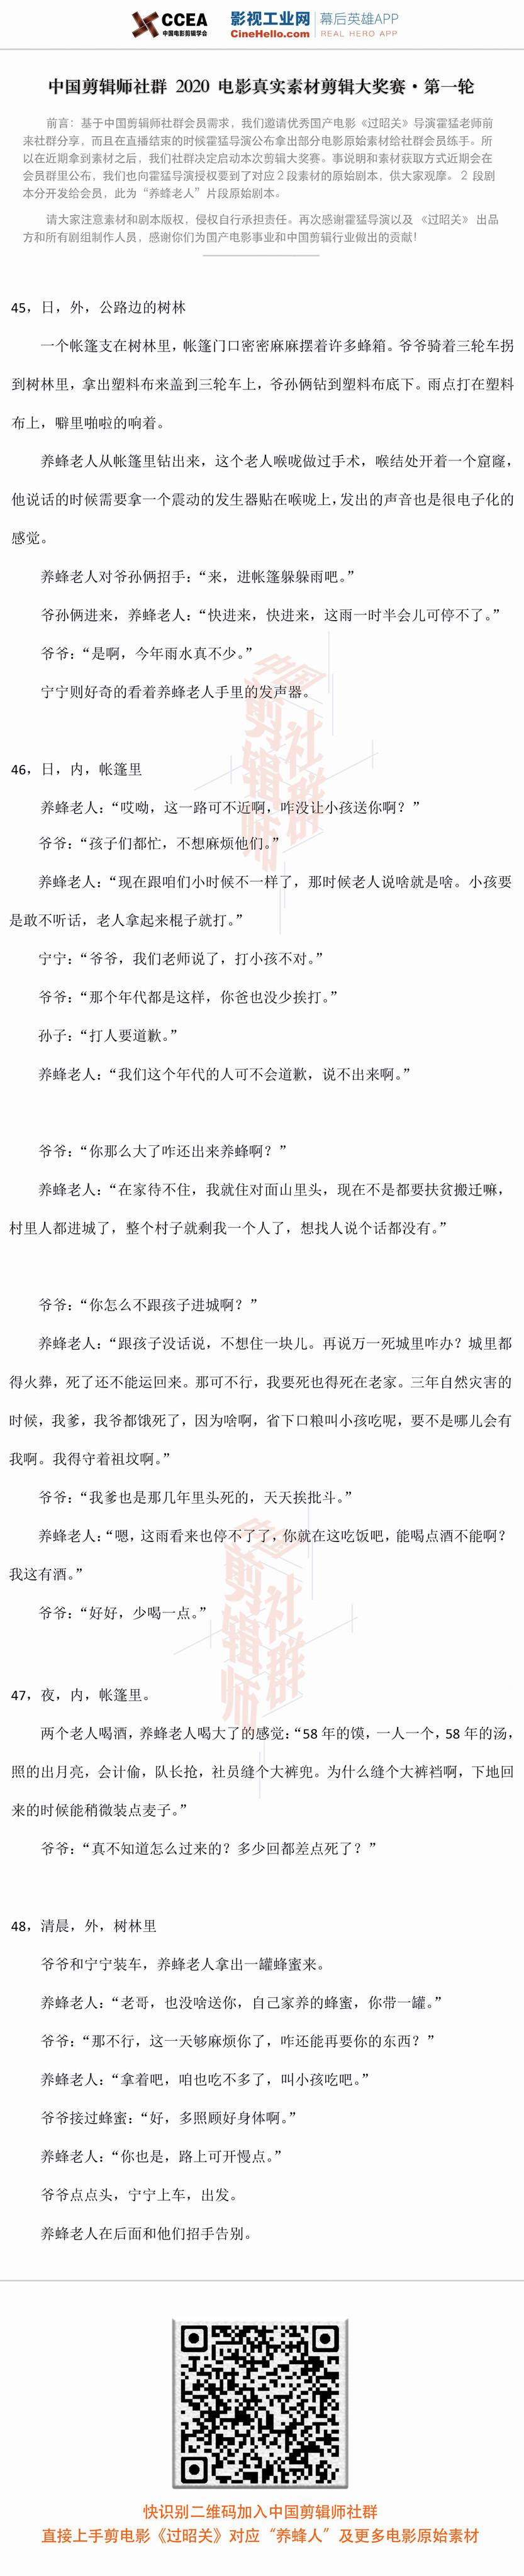 """霍猛导演作品《过昭关》""""养蜂人""""片段剧本-中国剪辑师社群 2020 电影真实素材剪辑大赛第一轮"""